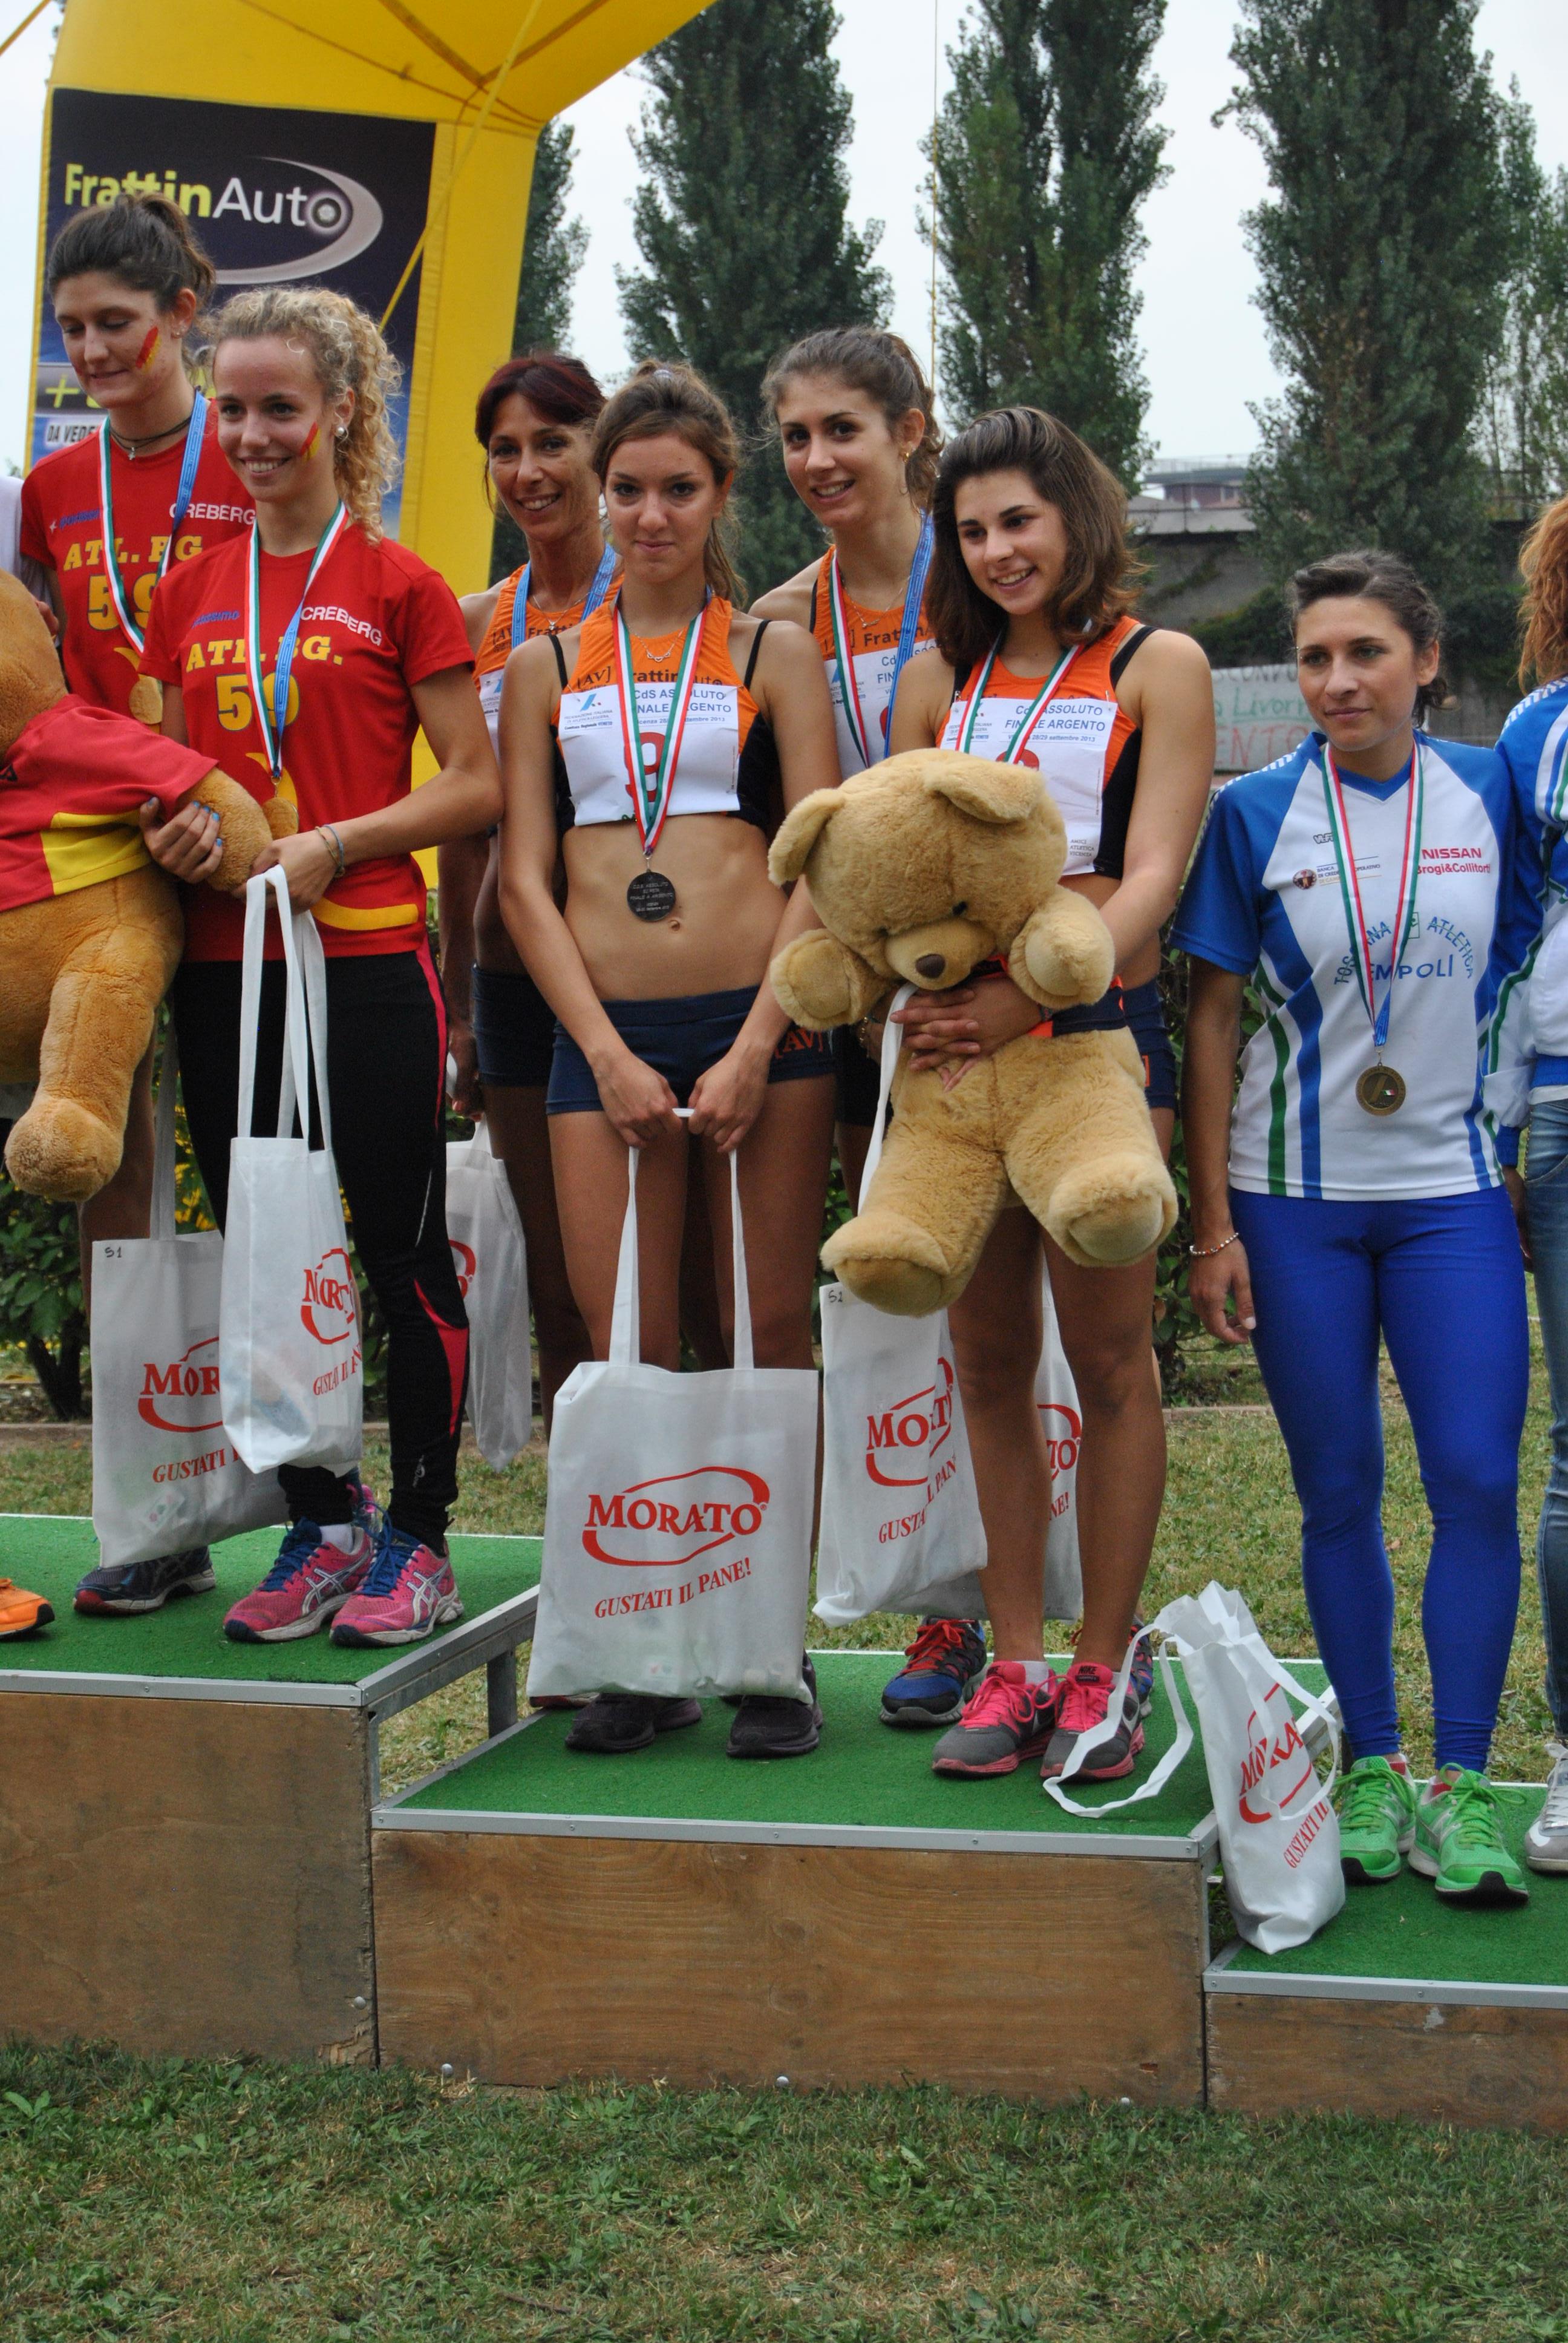 Av frattin auto donne conquista la serie a 2014 atletica for Galvan arredamenti